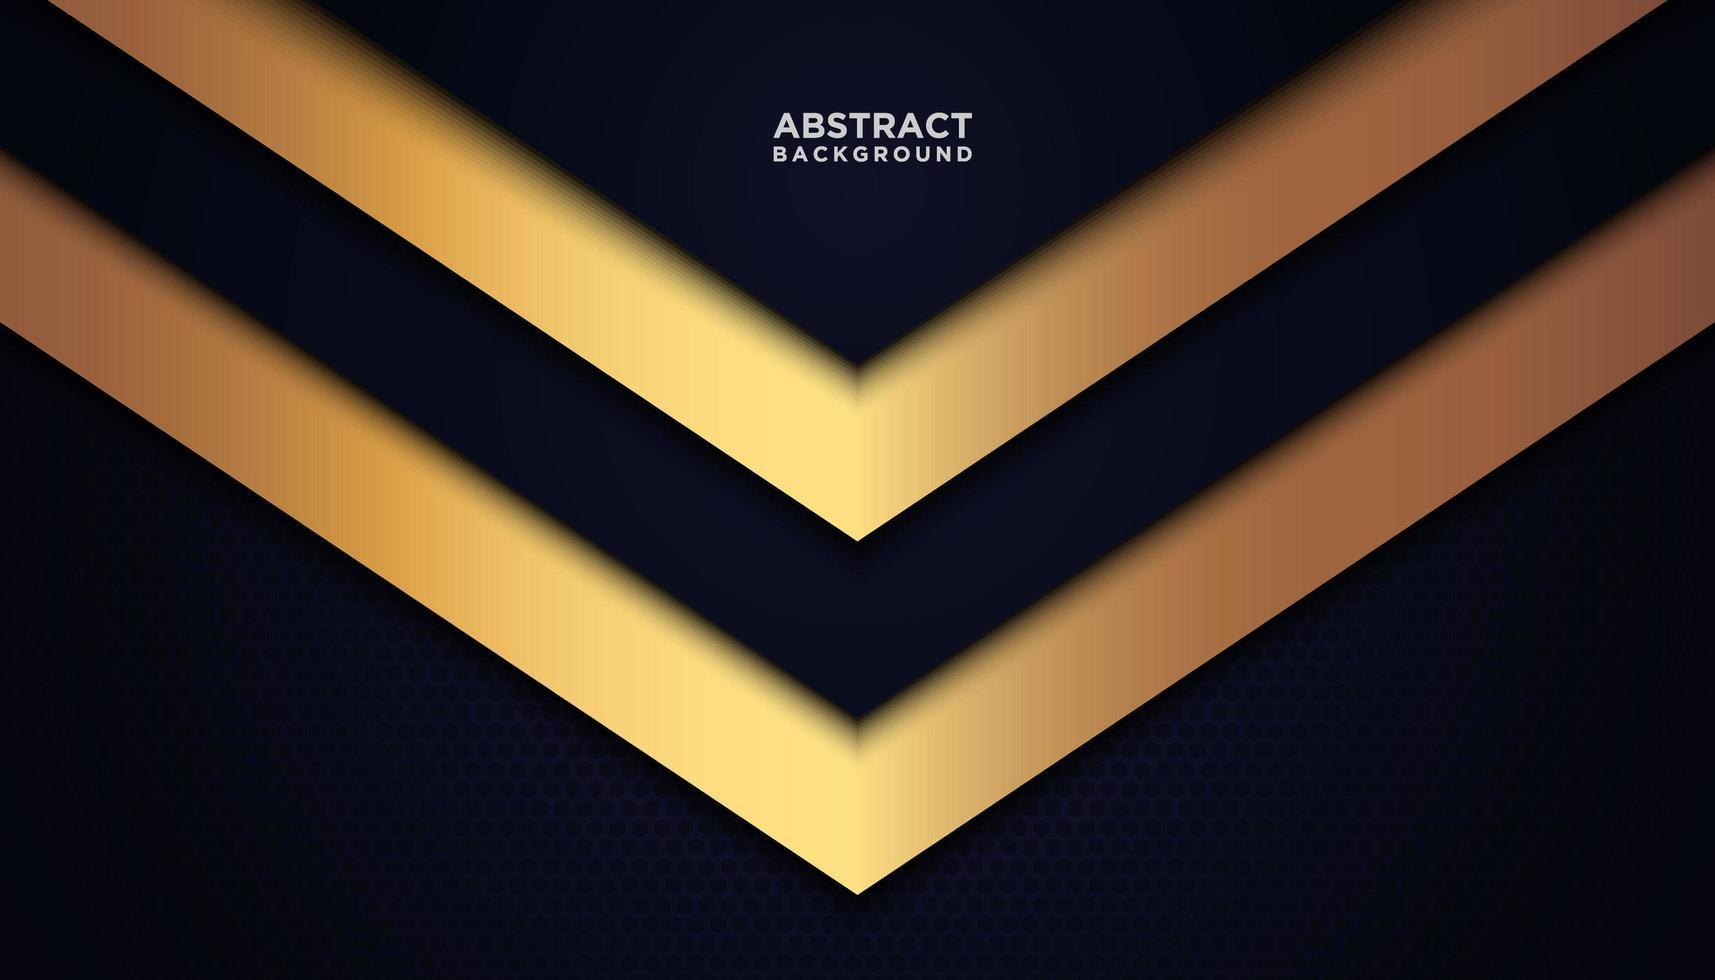 marine en goud abstracte driehoek achtergrond vector